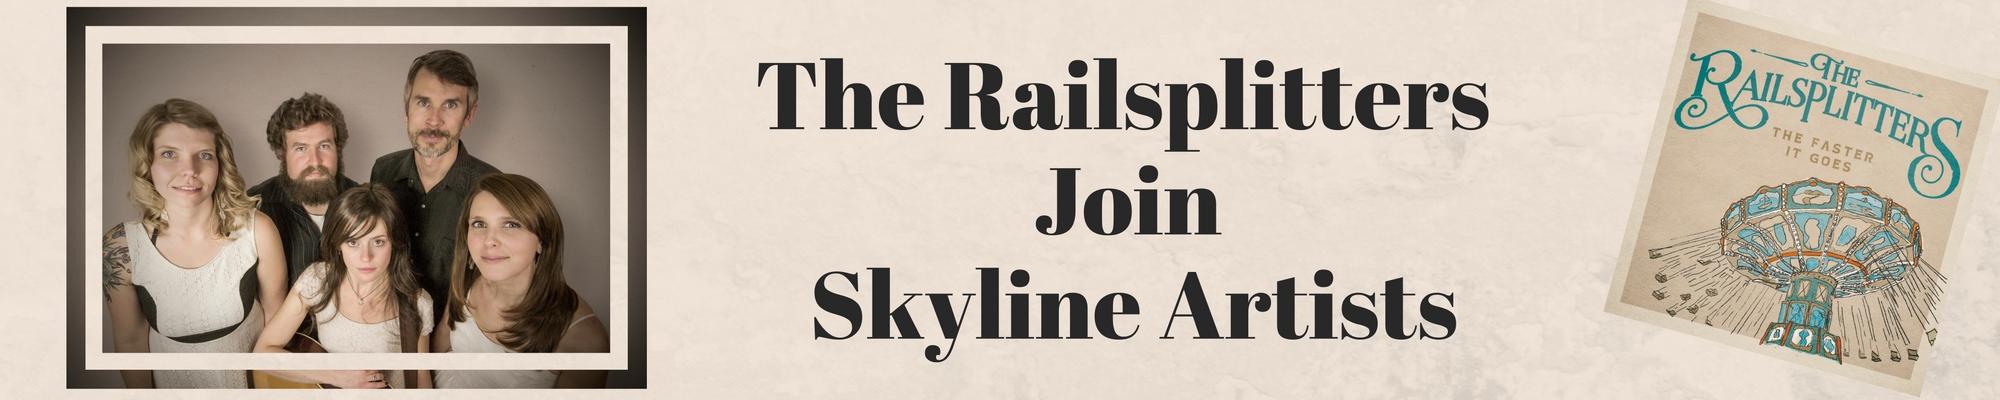 web-banner-railsplitters